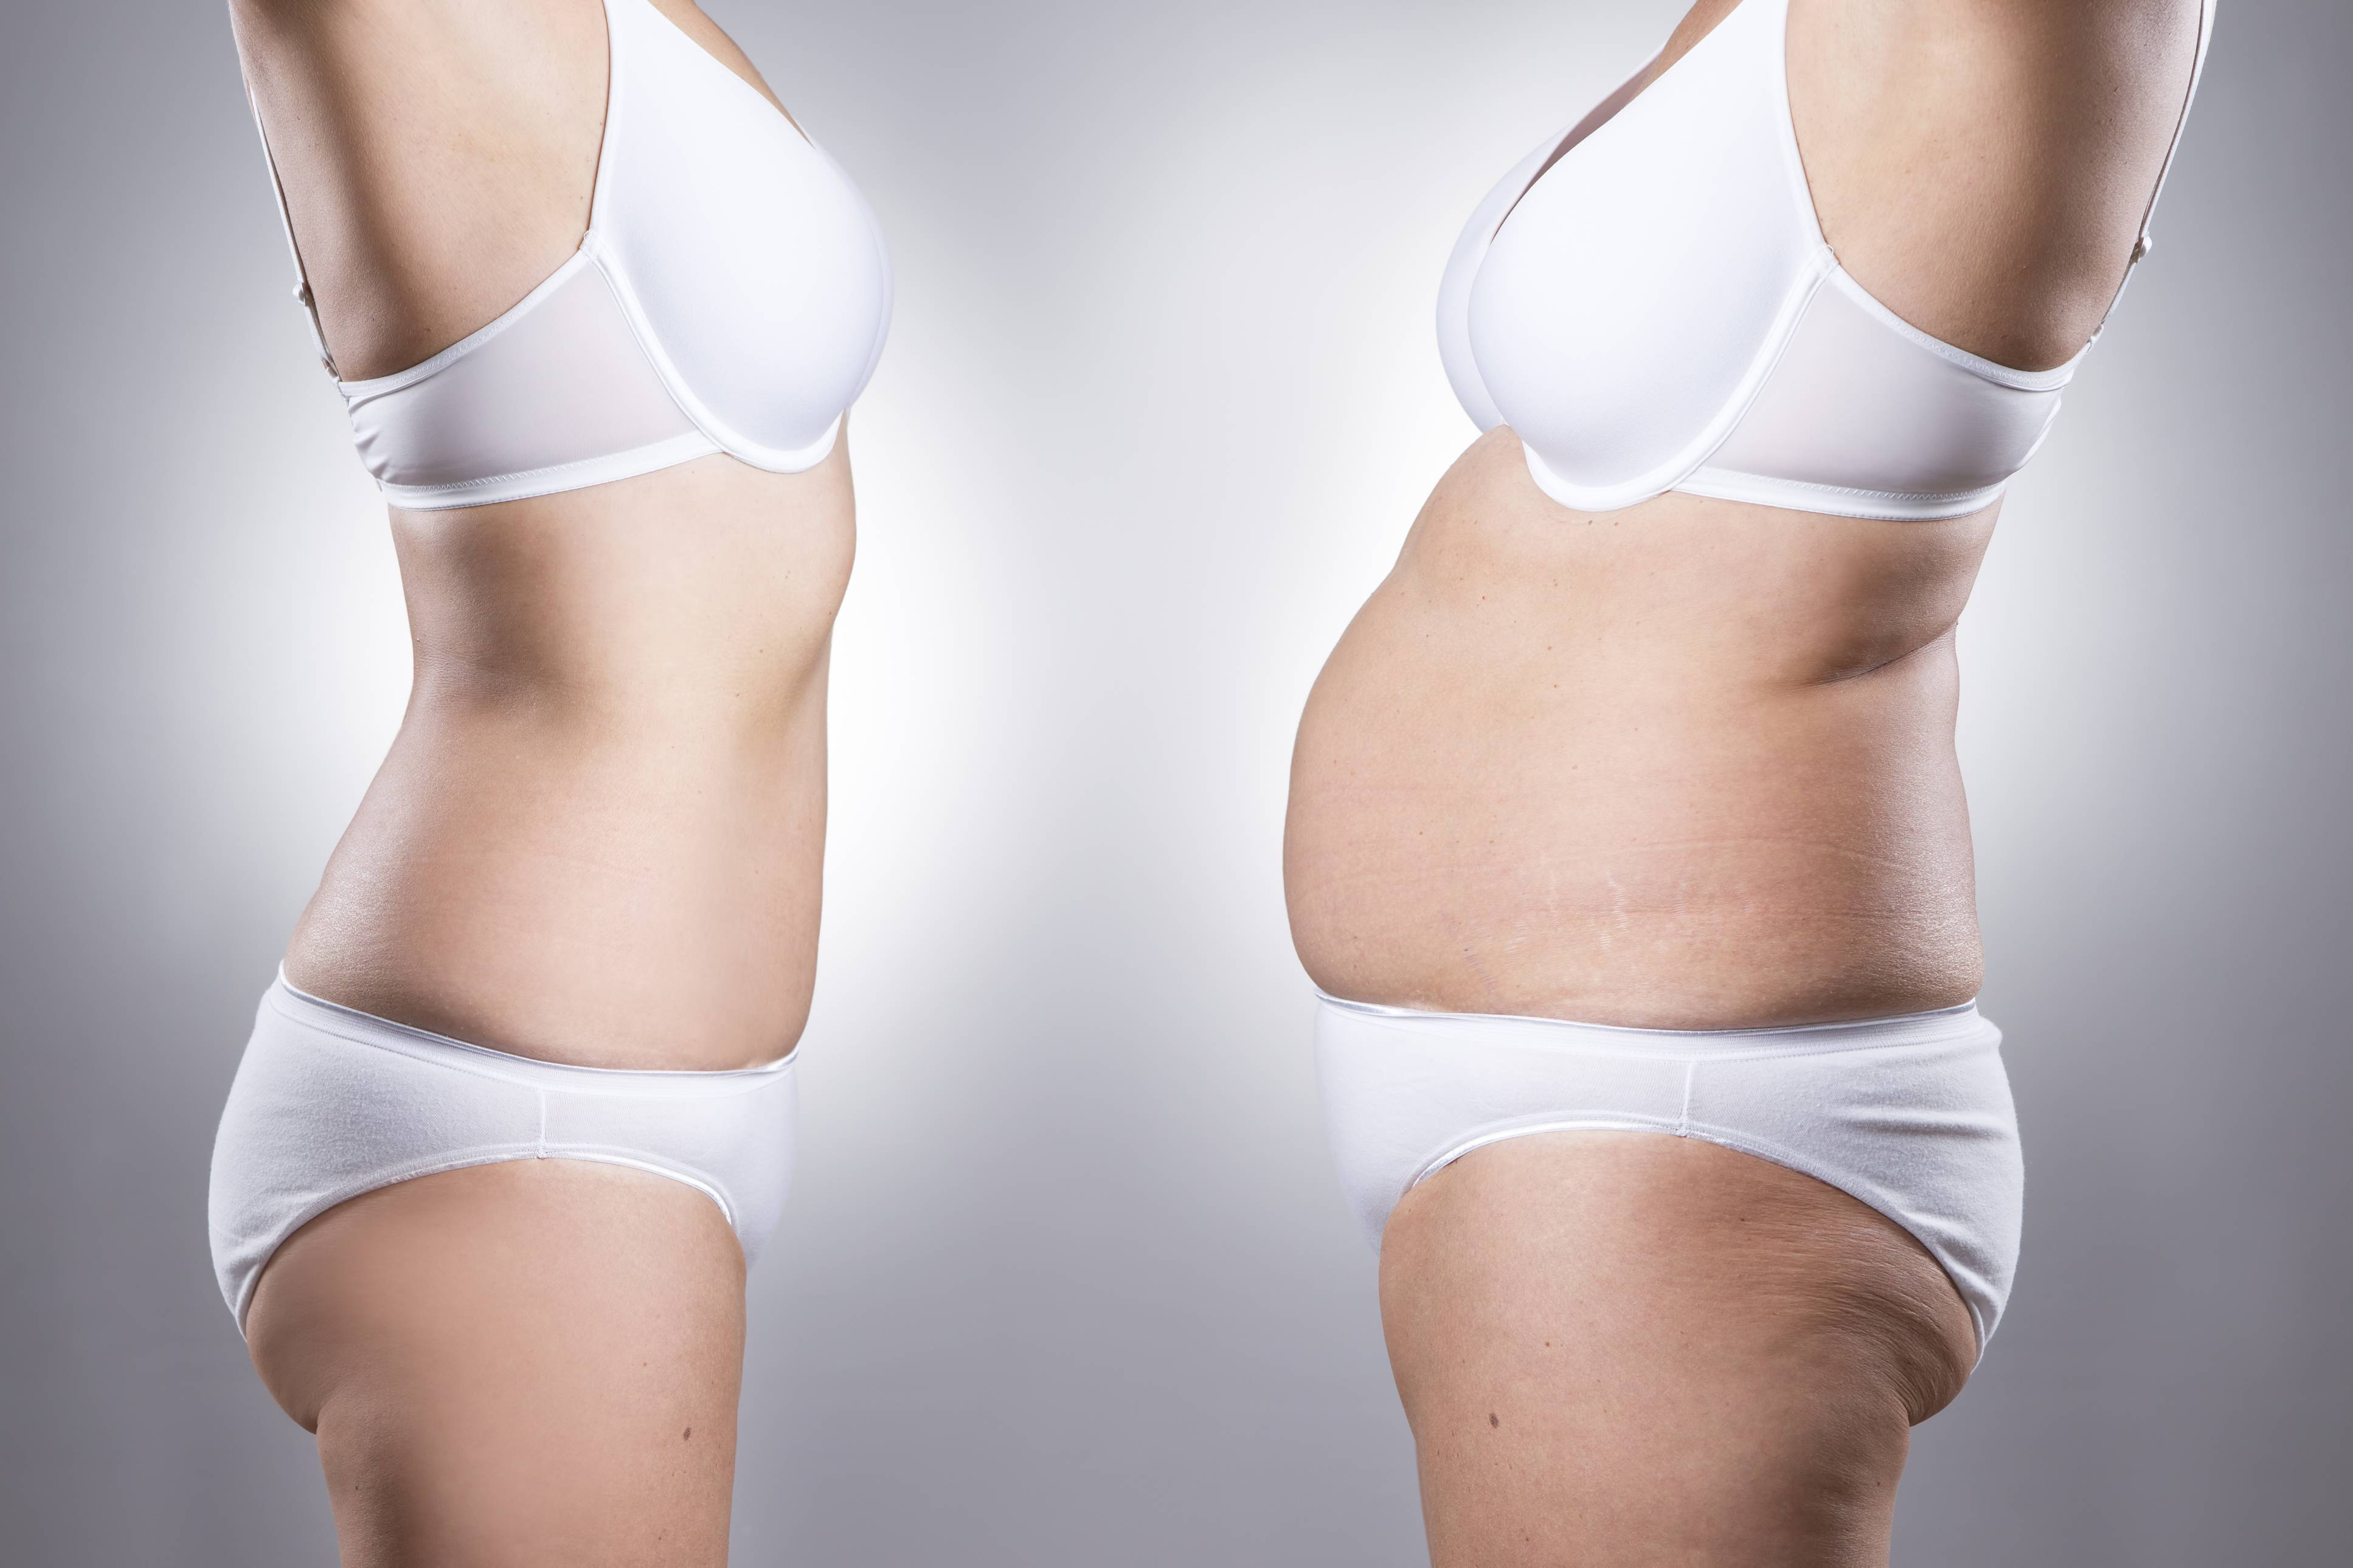 perdere peso in due settimane